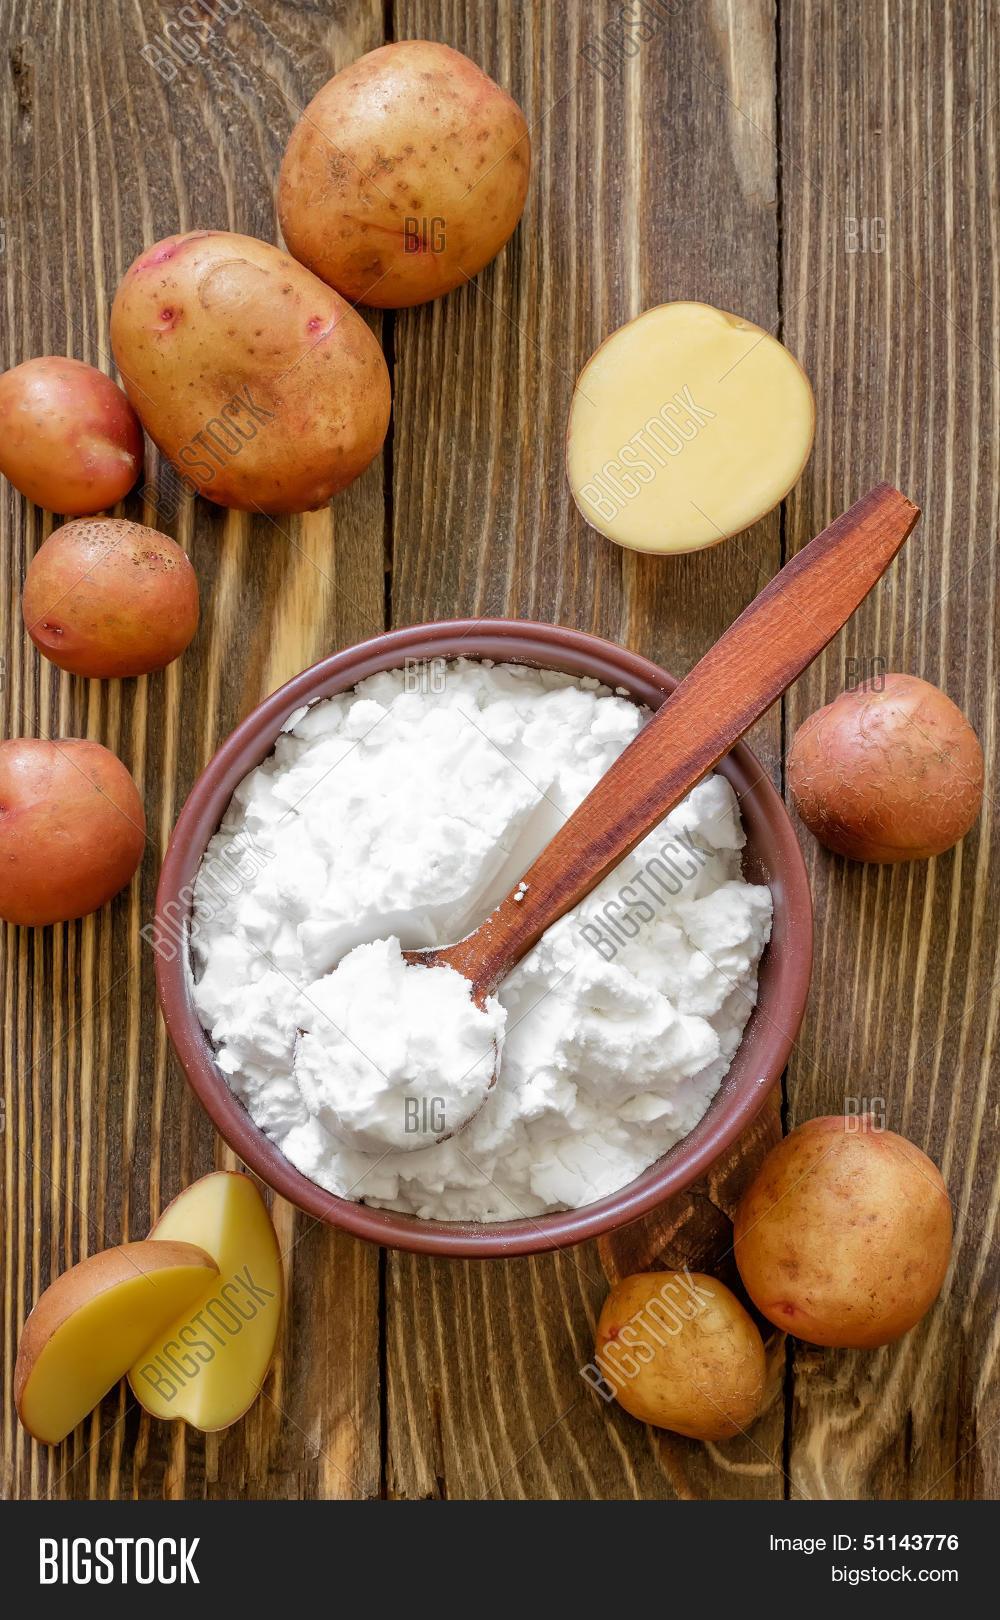 Как сделать крахмал из картофеля